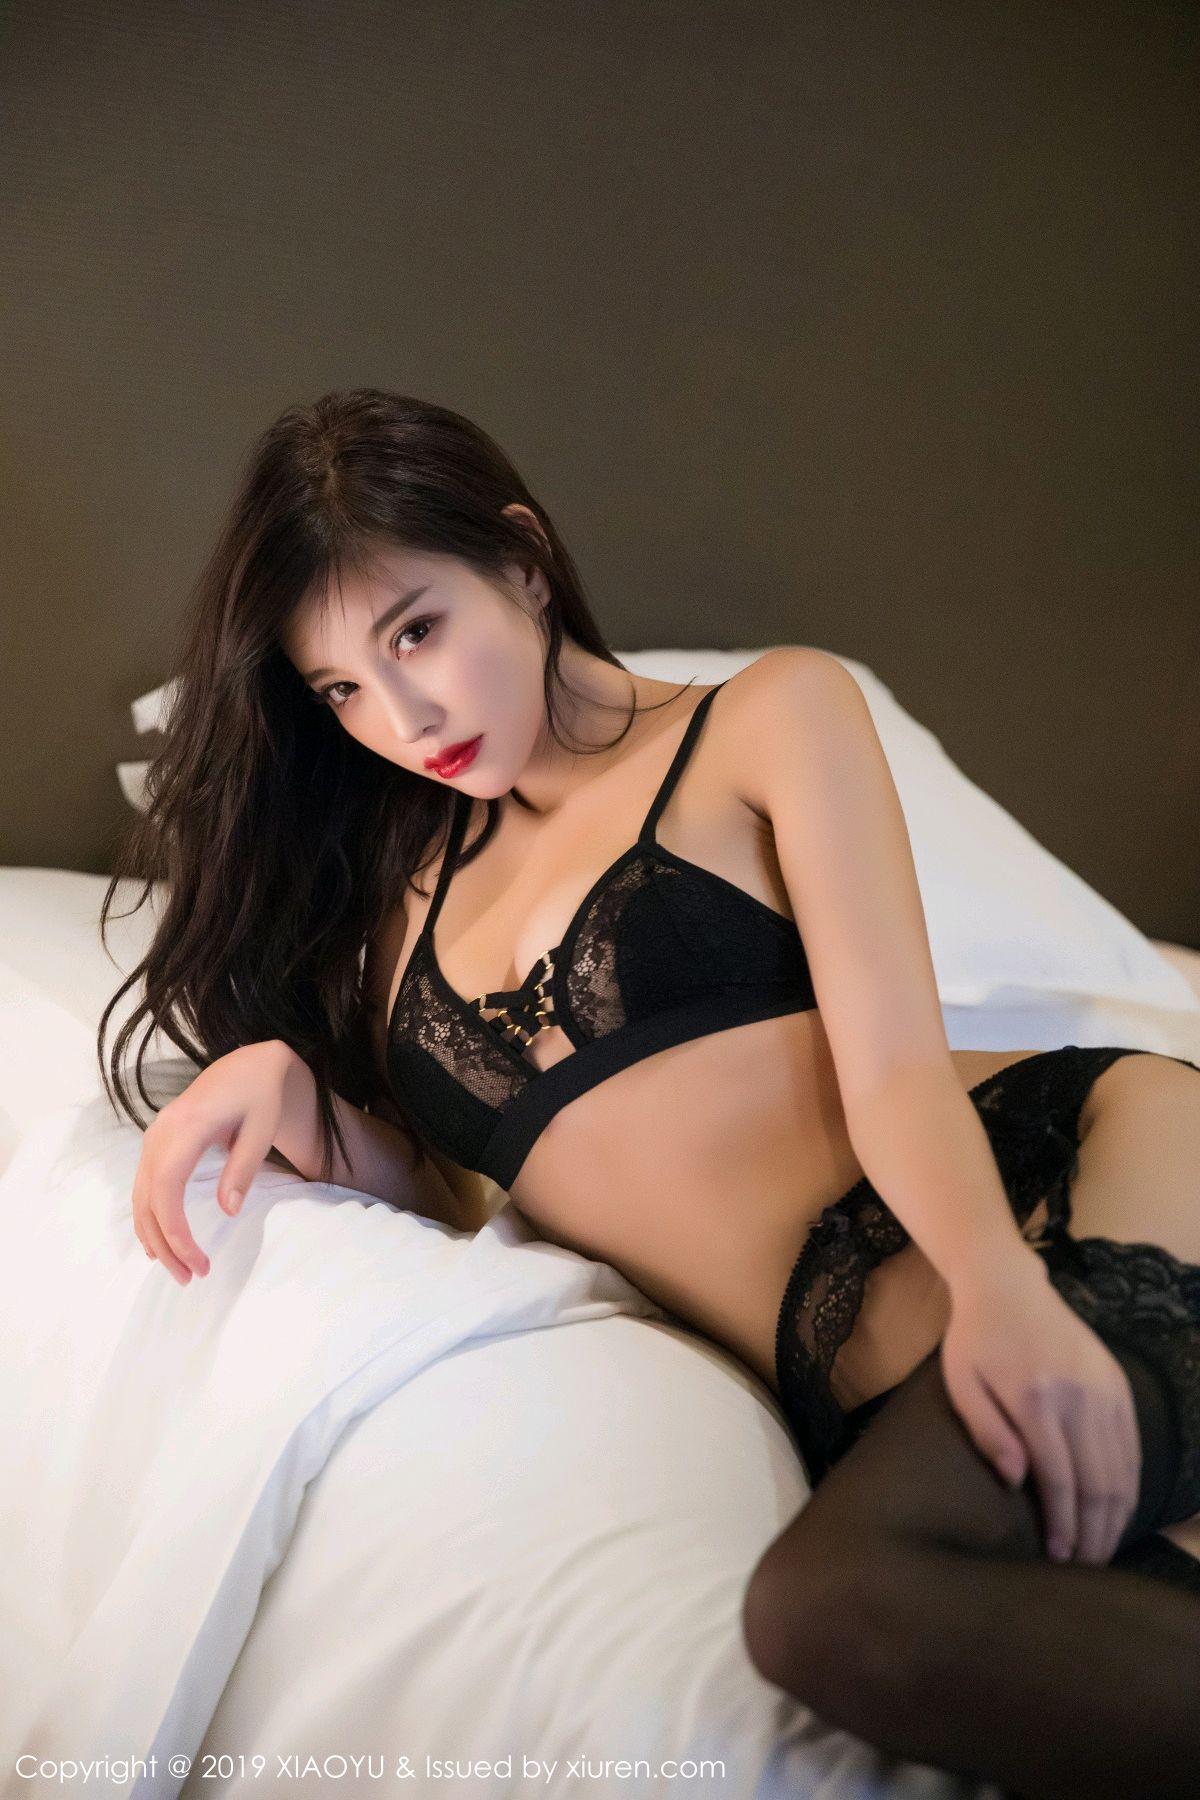 [XiaoYu] Vol.005 Yang Chen Chen 62P, Black Silk, Tall, Uniform, XiaoYu, Yang Chen Chen